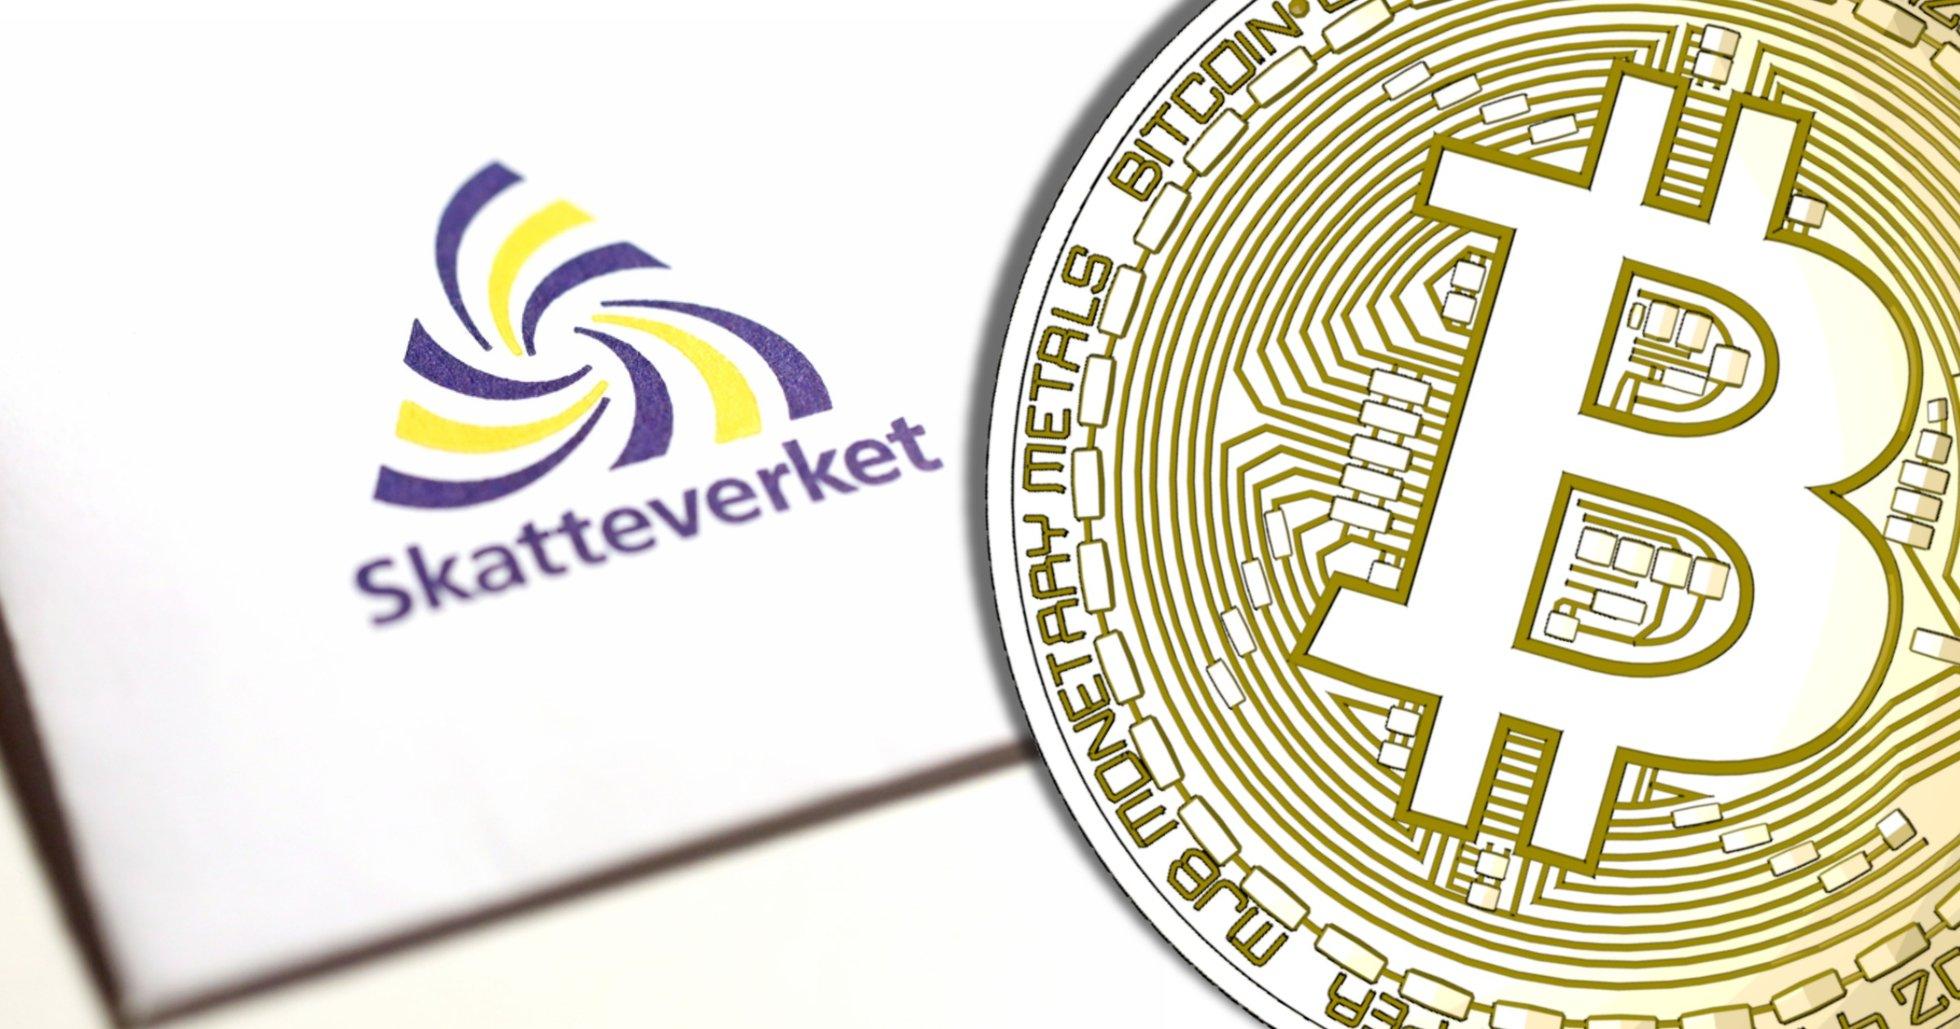 Skatteverket om kryptohandlare som struntar i att deklarera: Sannolikt stort mörkertal